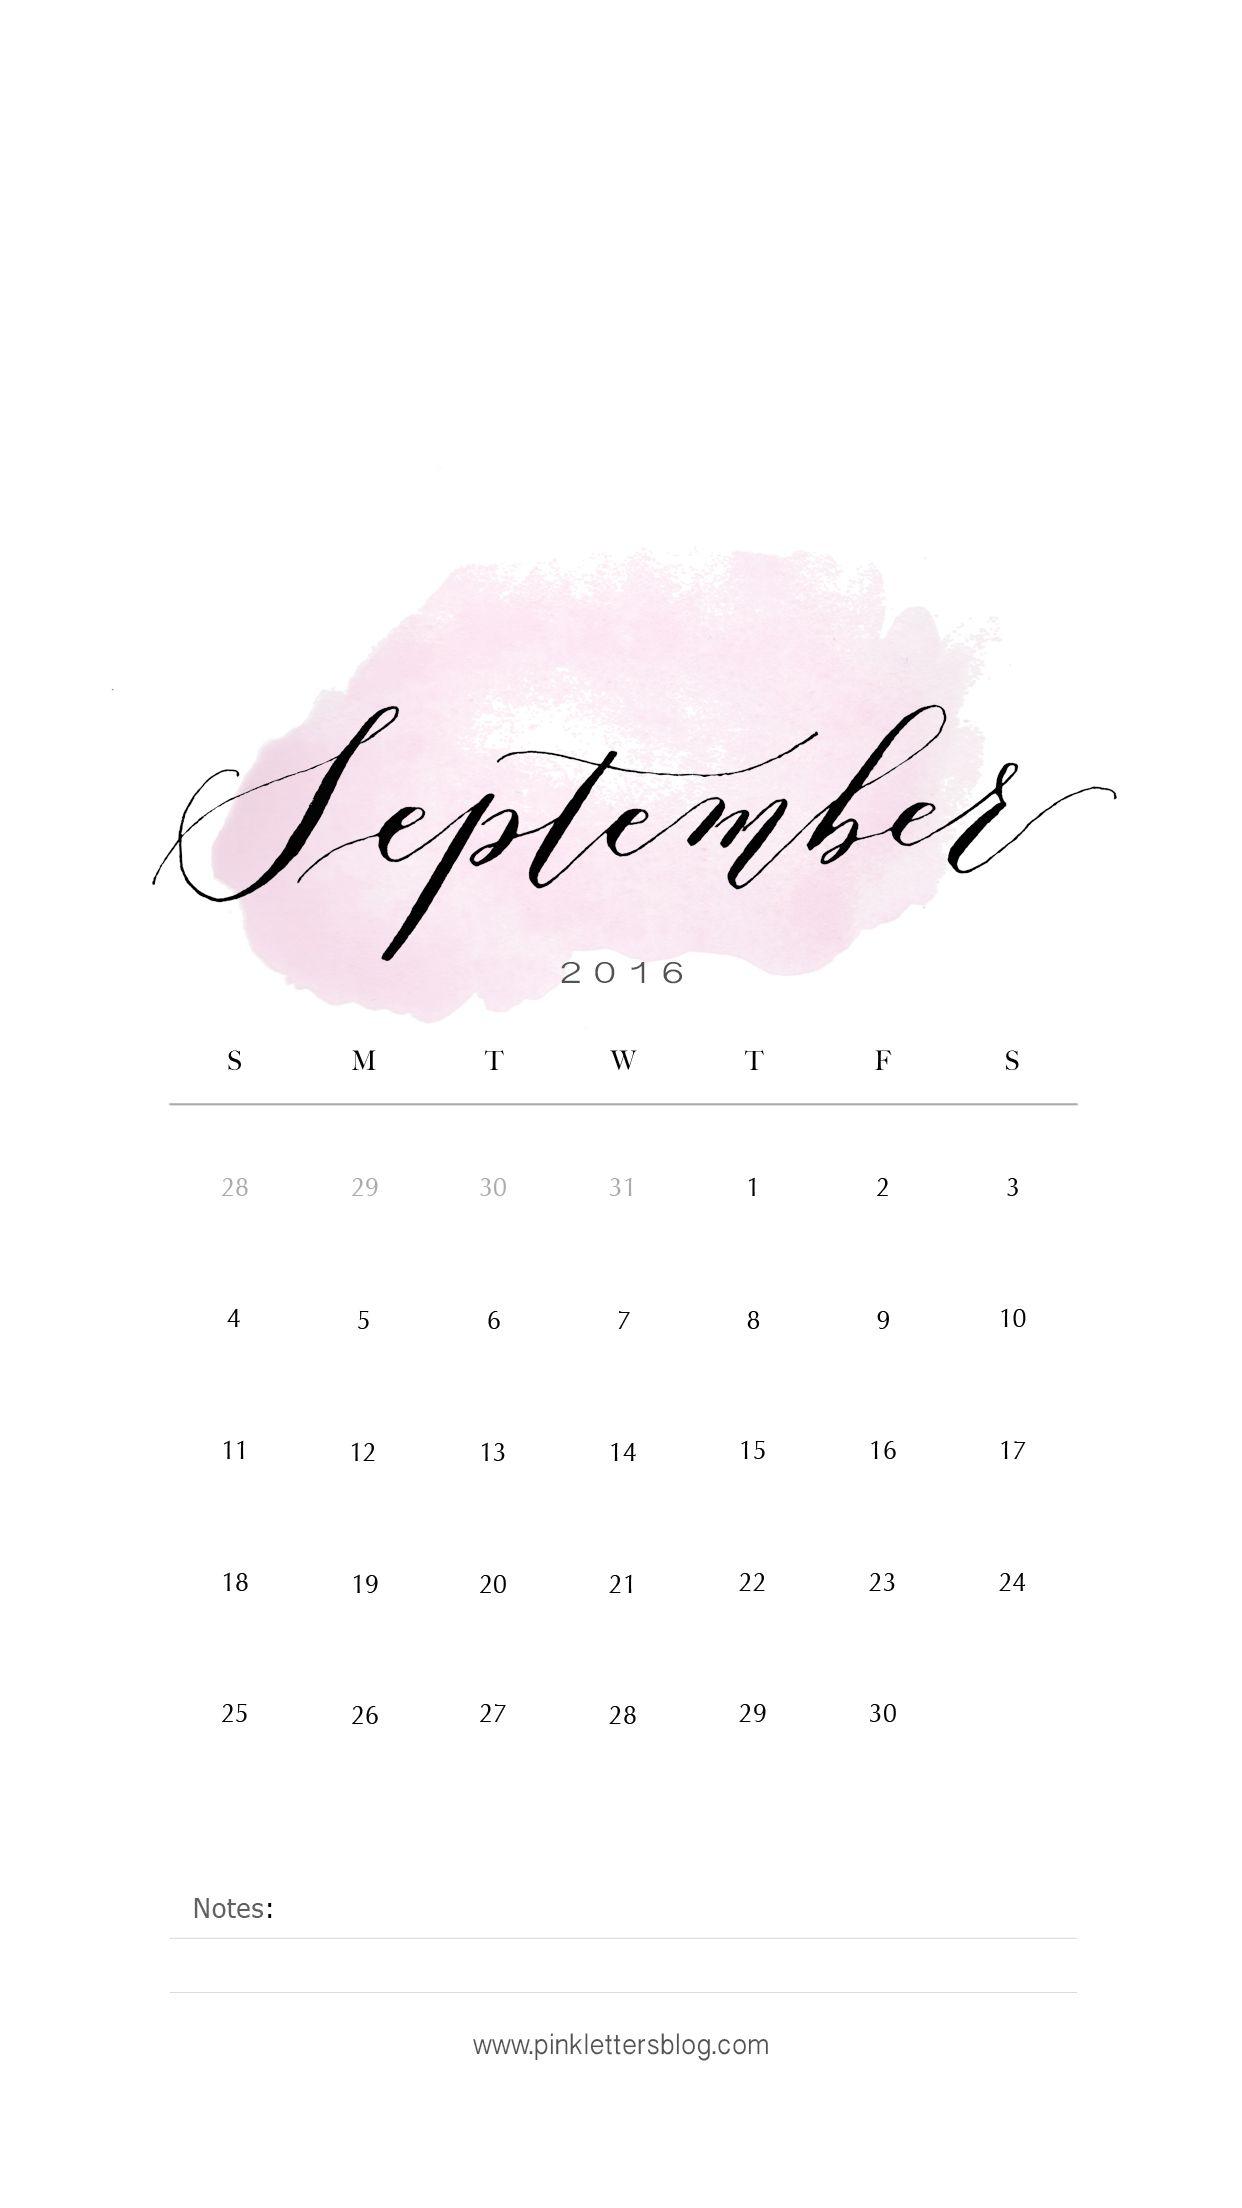 September 2016 Calendar Lockscreen Wallpaper Mobile